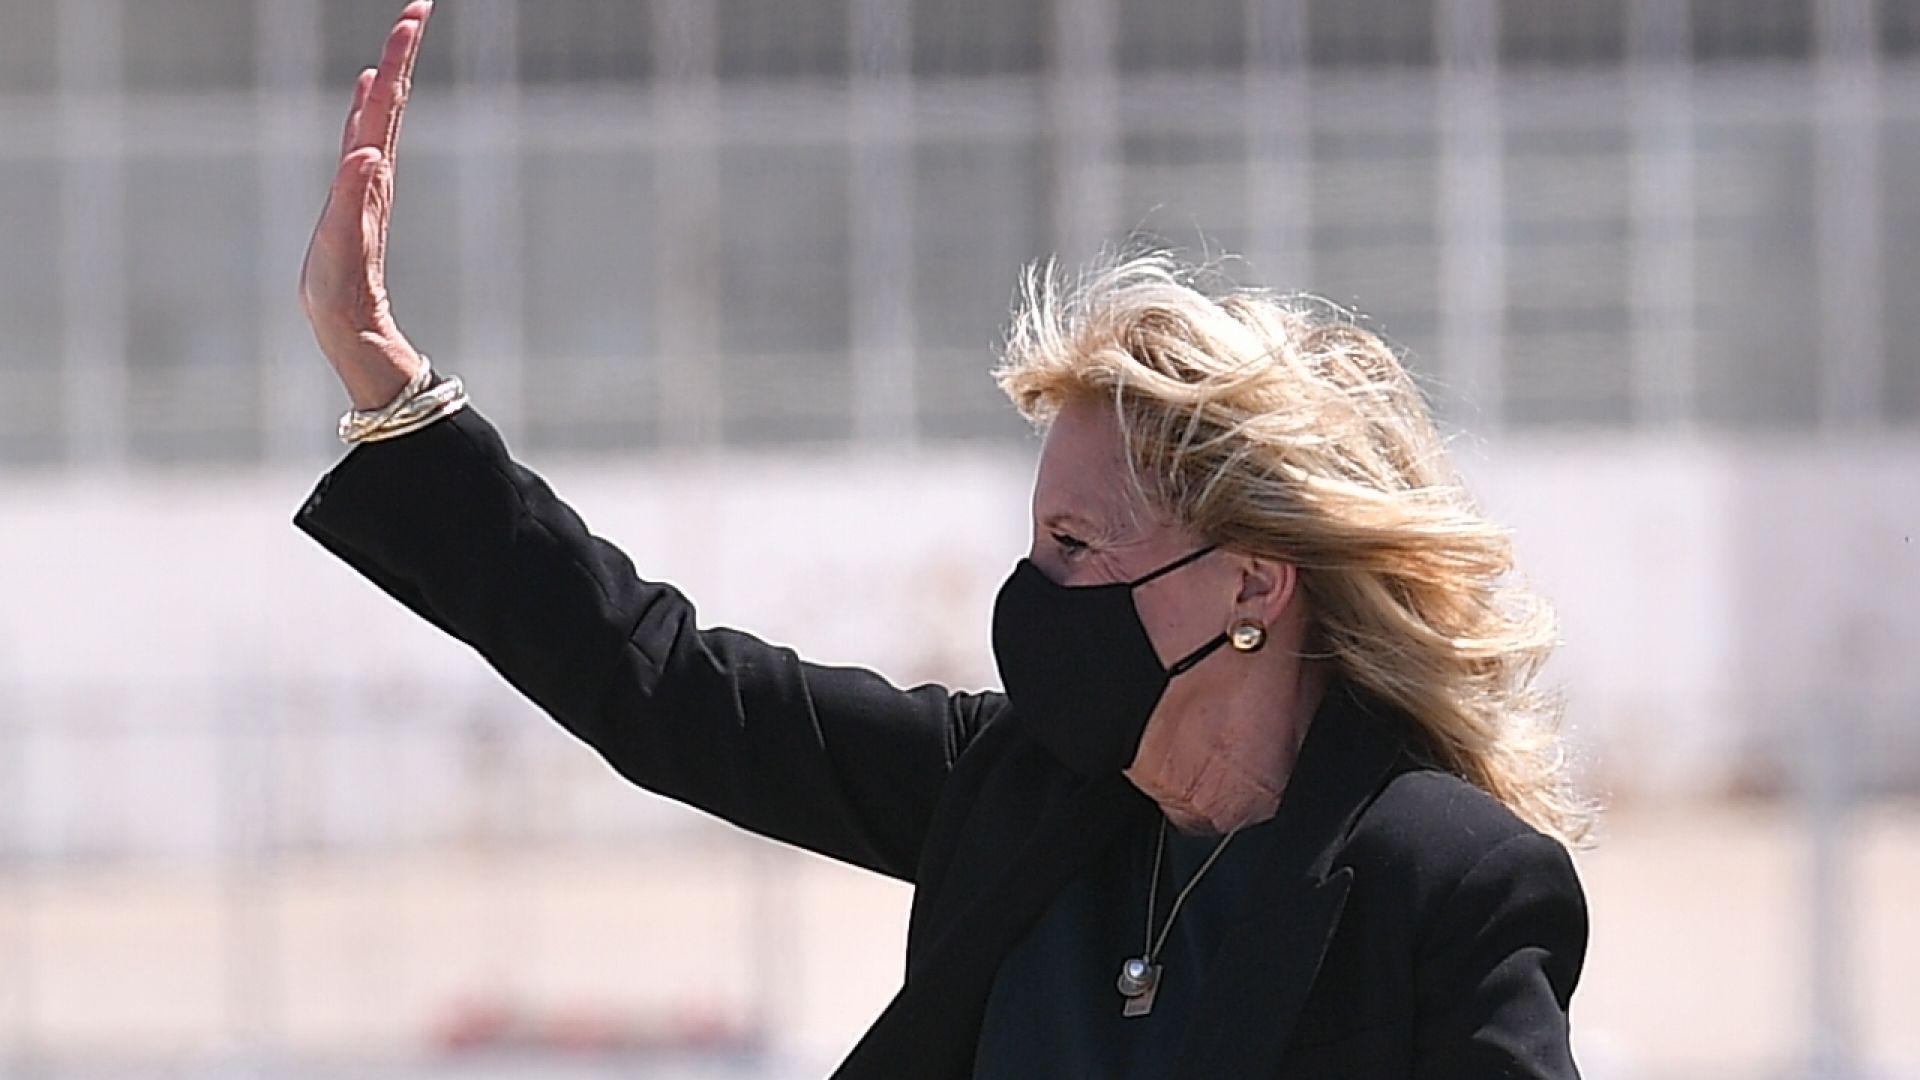 Първата дама на САЩ Джил Байдън се престори на стюардеса за 1 април